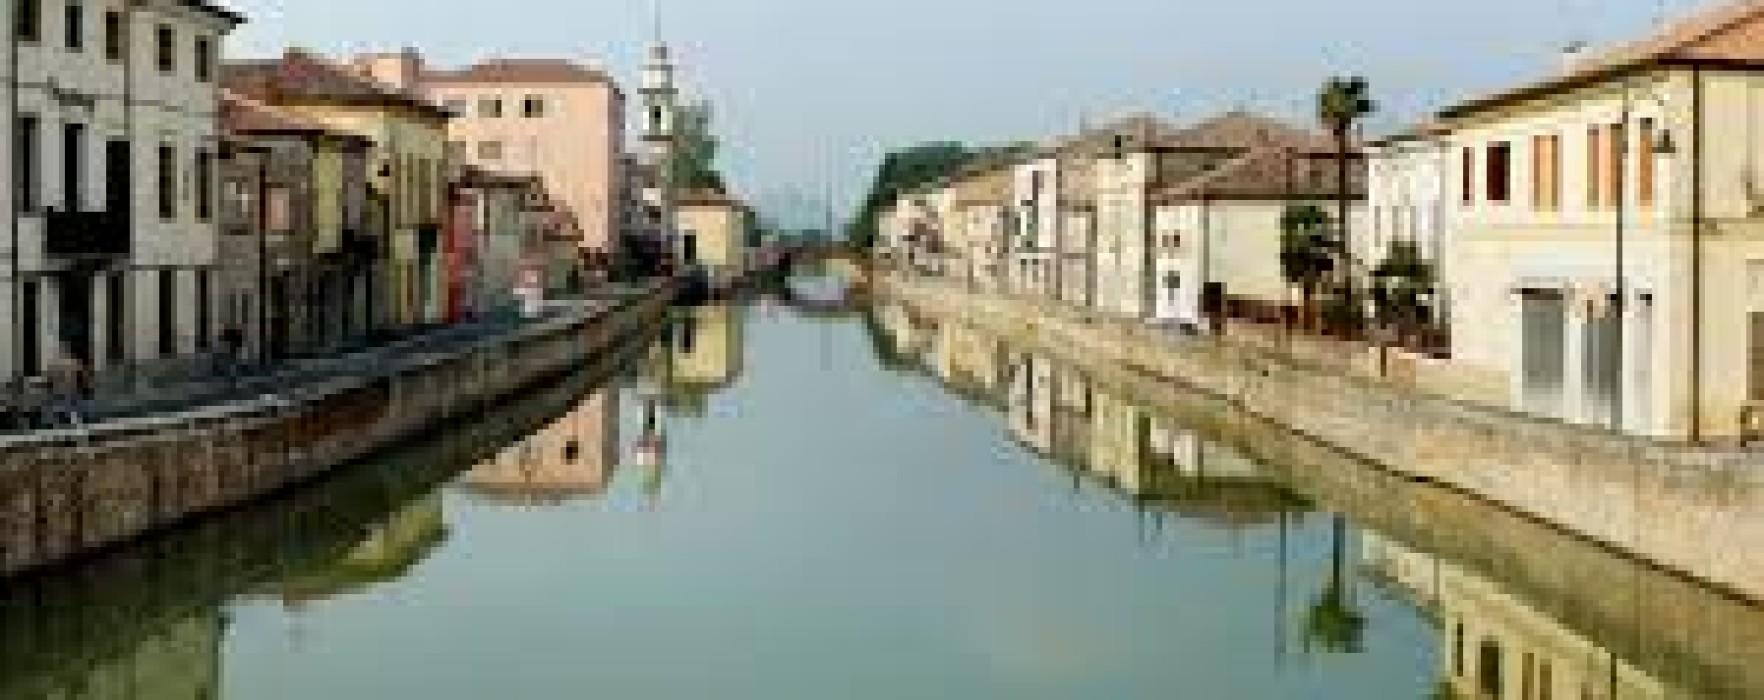 SICUREZZA IDRAULICA DELLA CITTA'  CANALE SCOLMATORE PADOVA-VENEZIA